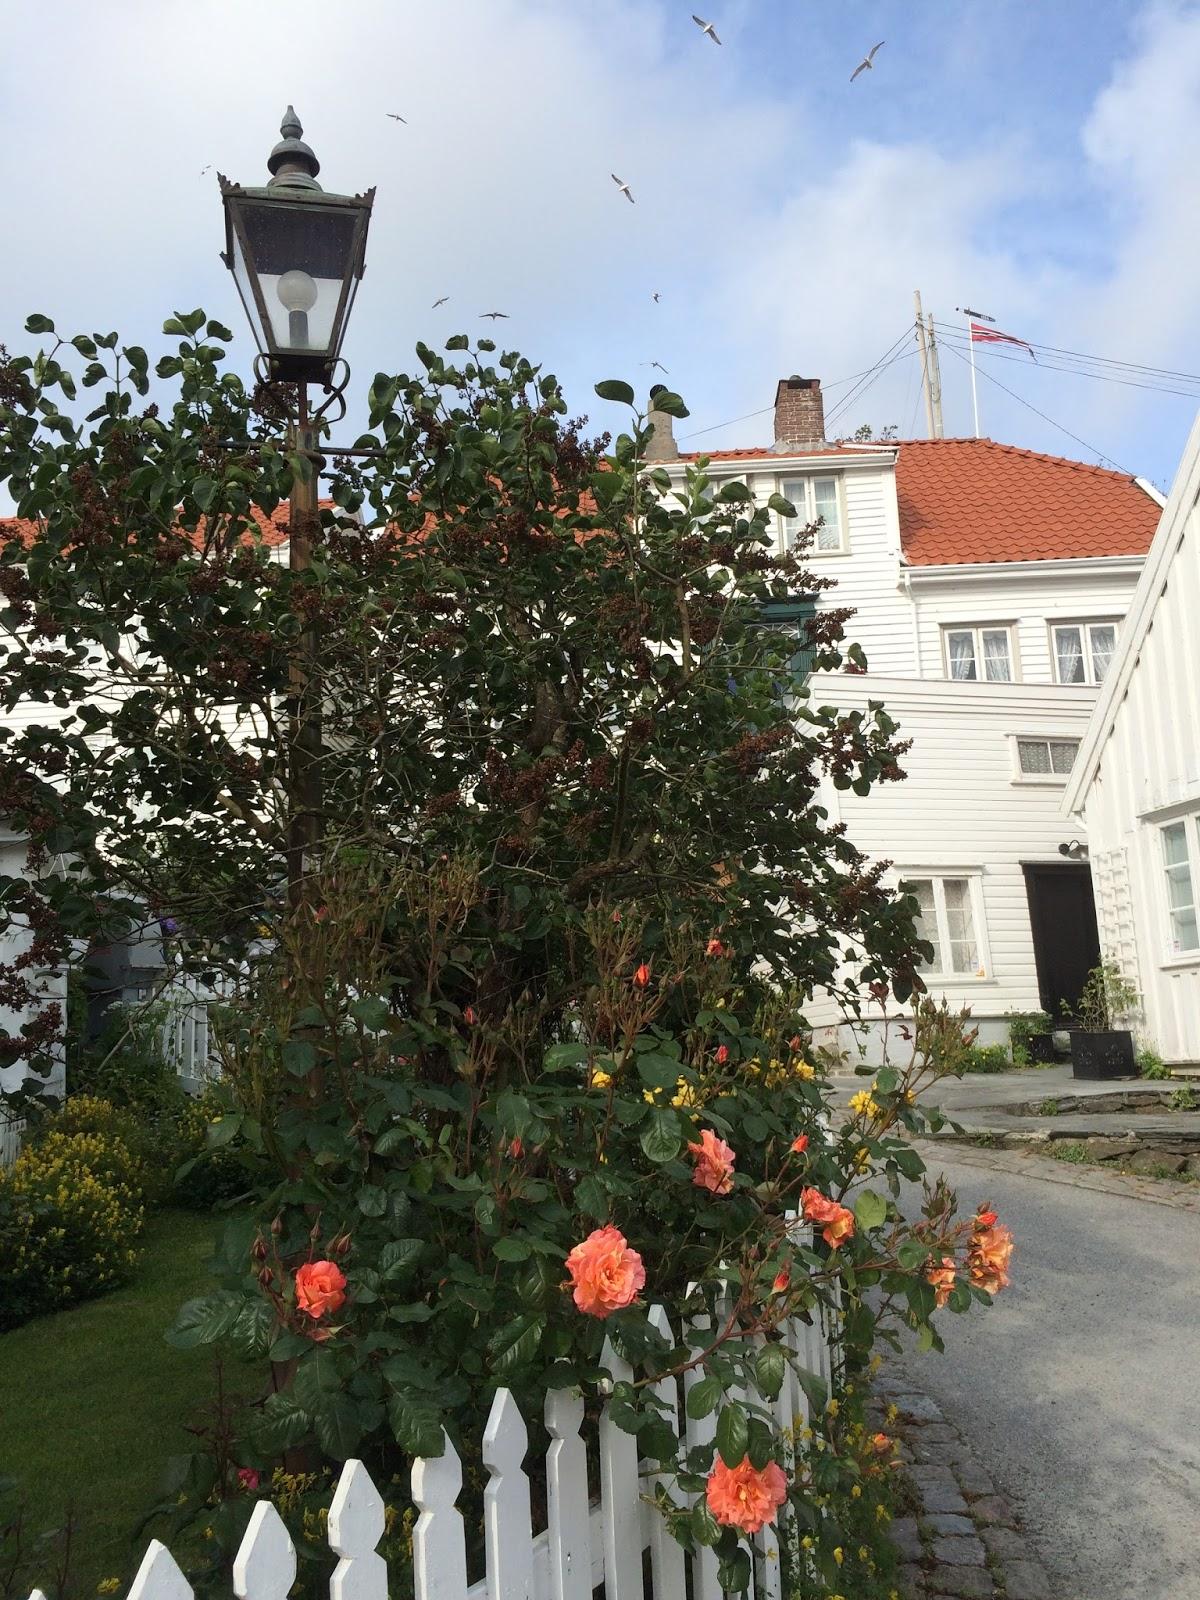 norges beste datingside Skudeneshavn